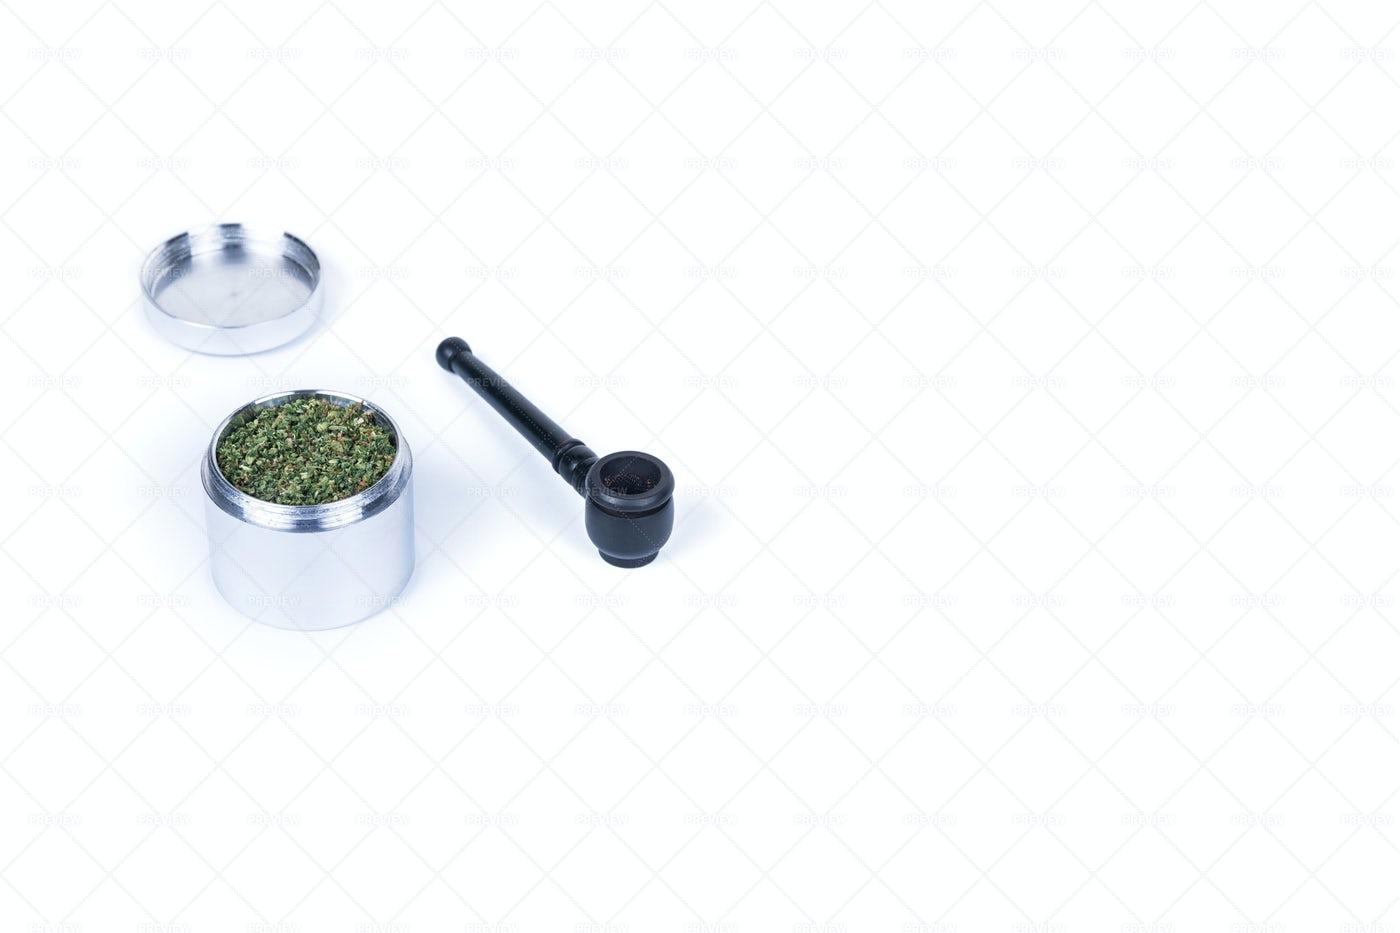 Ground Marijuana: Stock Photos